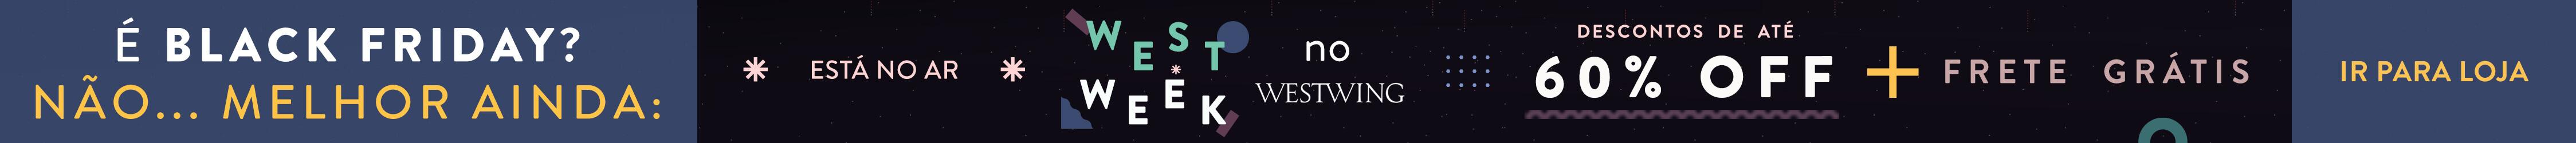 Banner all type West Week com até 60% OFF e Frete Grátis no Westwing